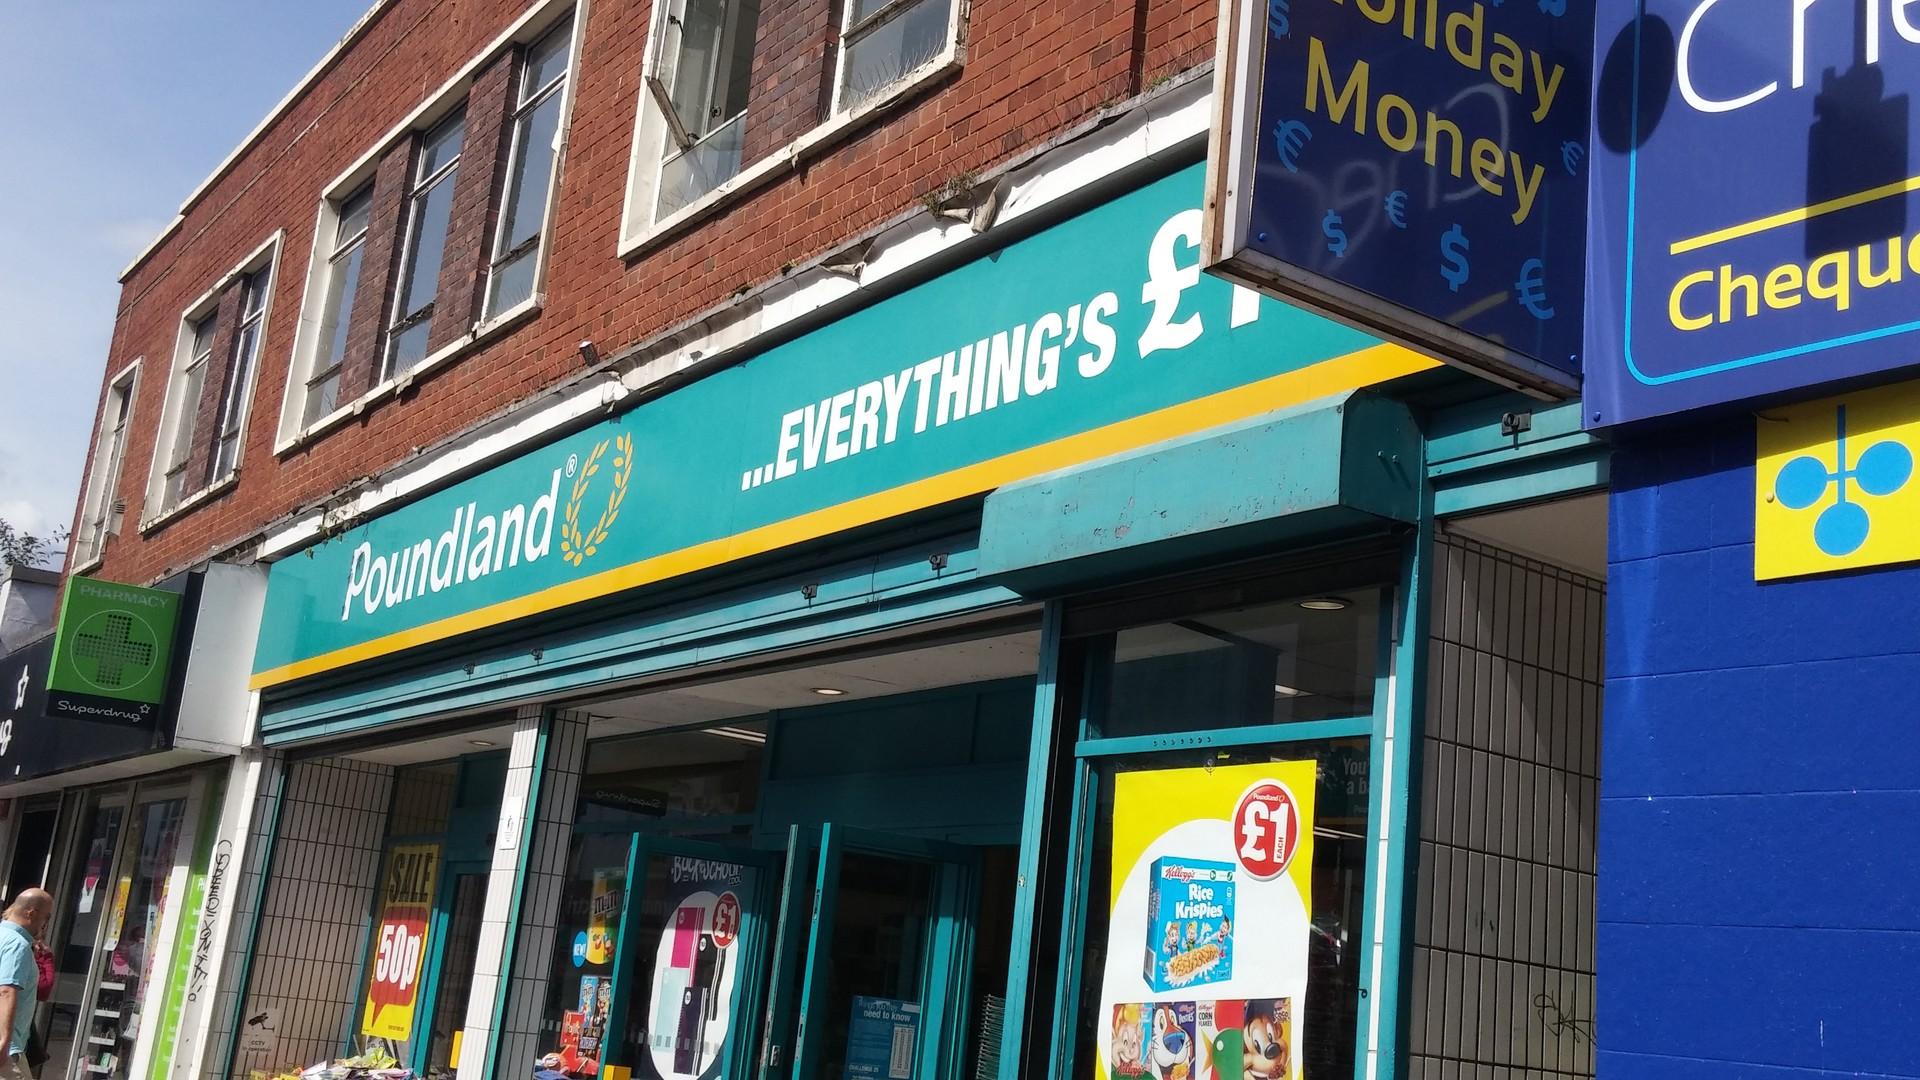 Zakupy W Wielkiej Brytanii Ogolnie